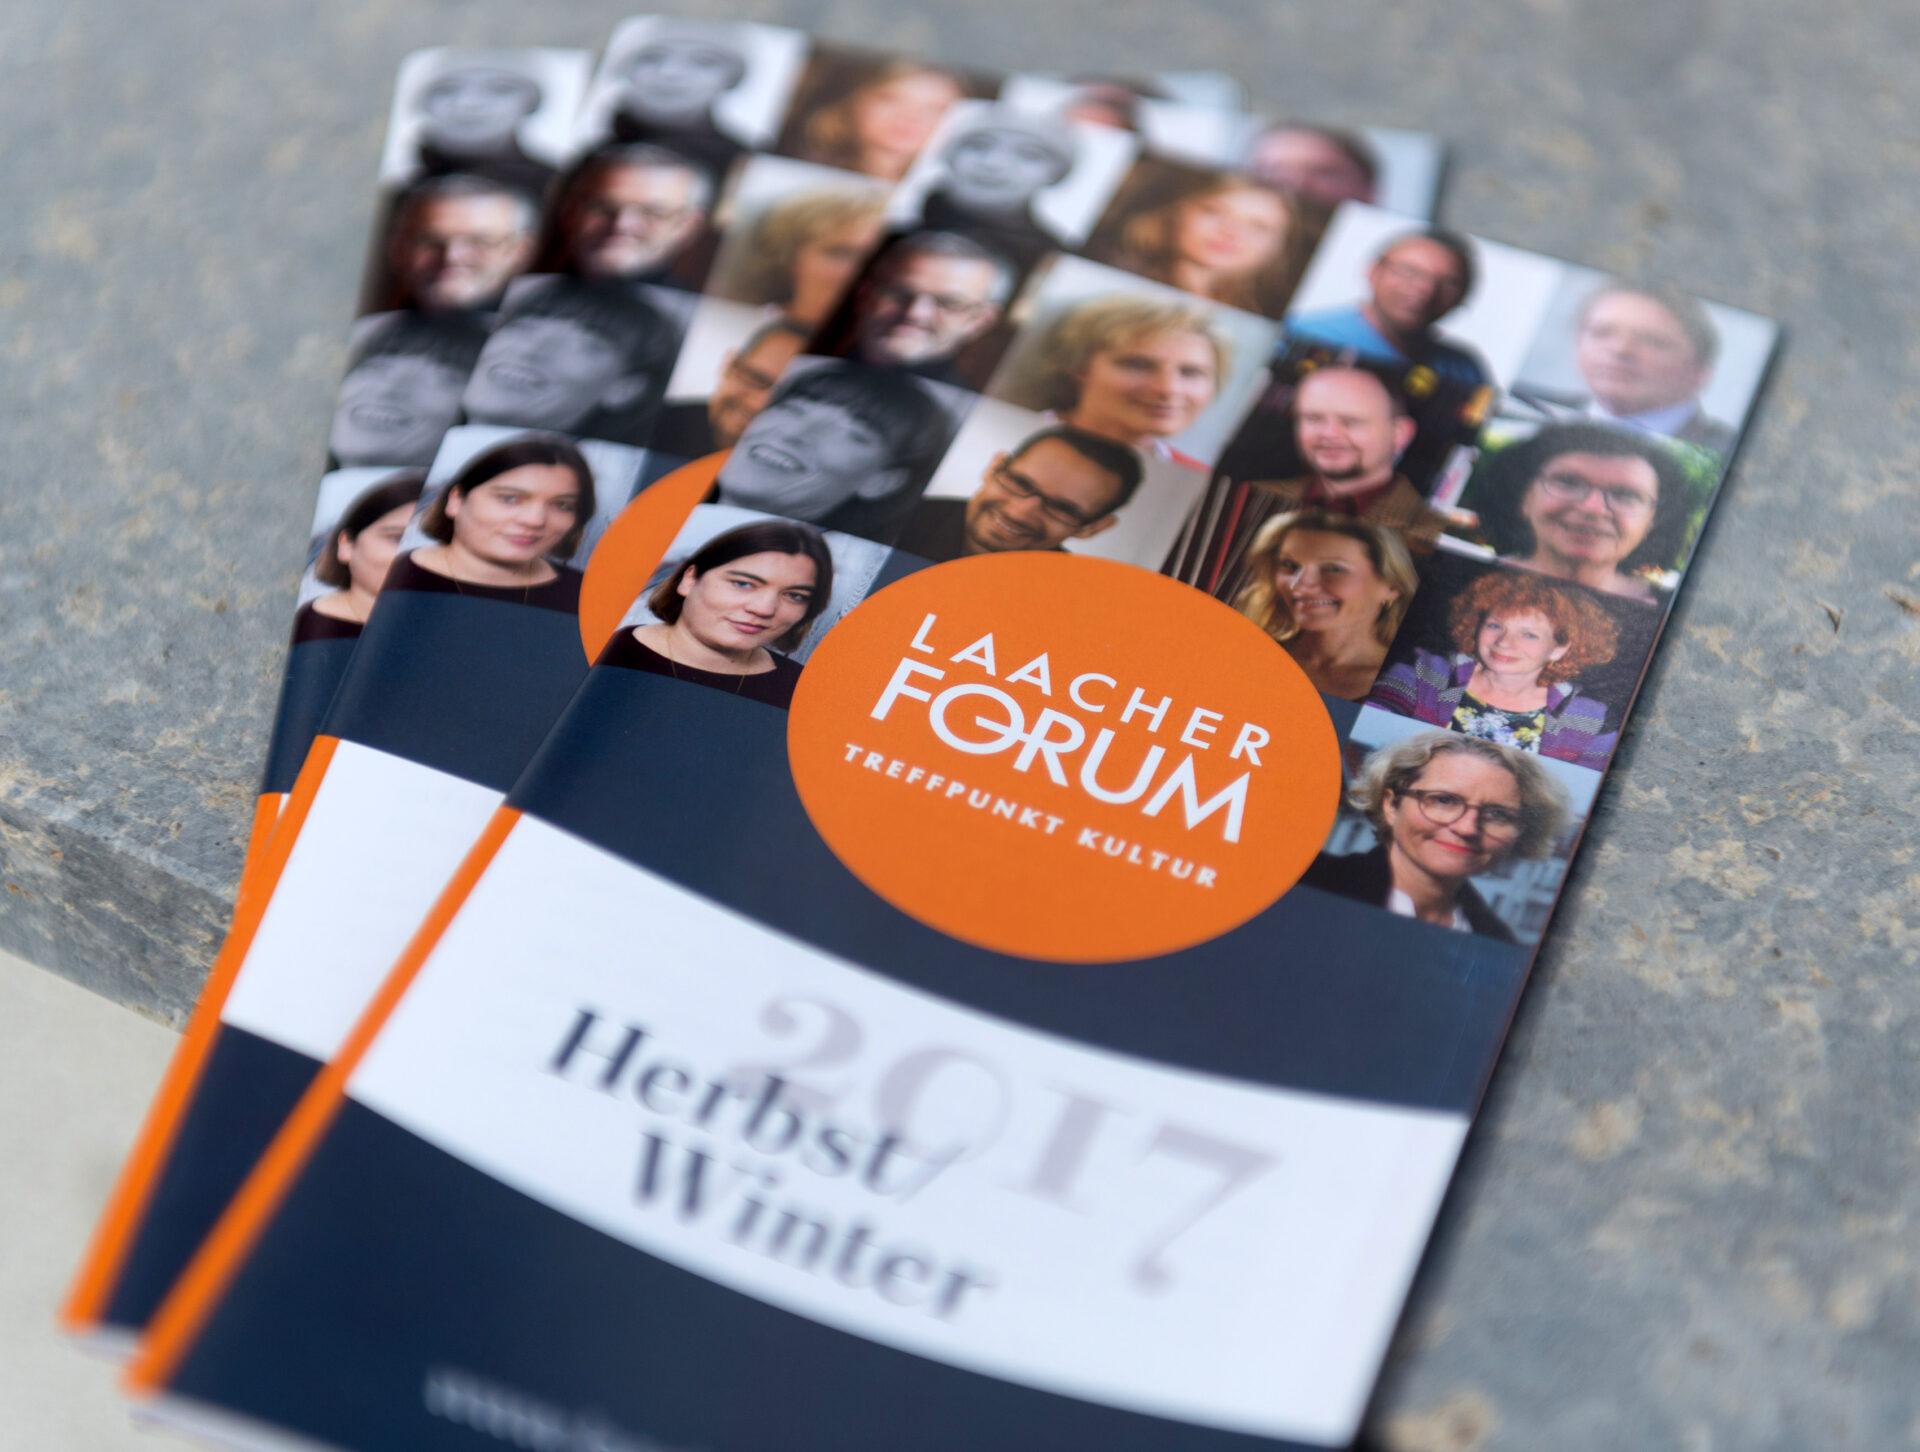 Laacher Forum Programmheft